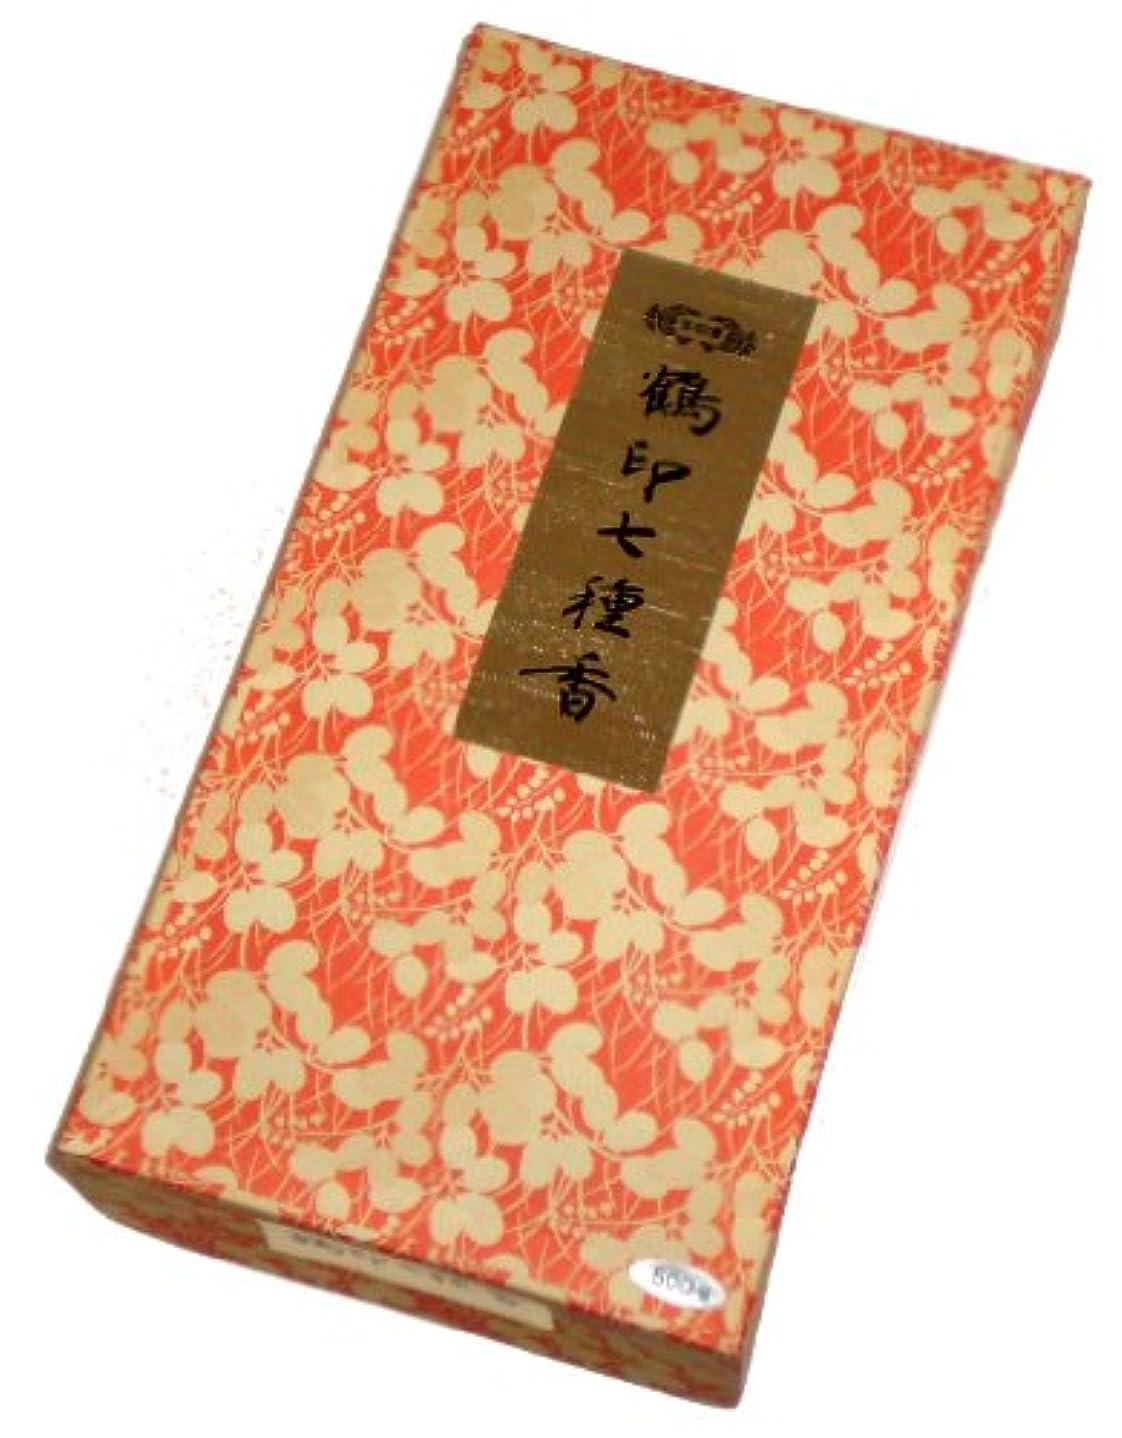 パーチナシティ区競う玉初堂のお香 鶴印七種香 500g #671